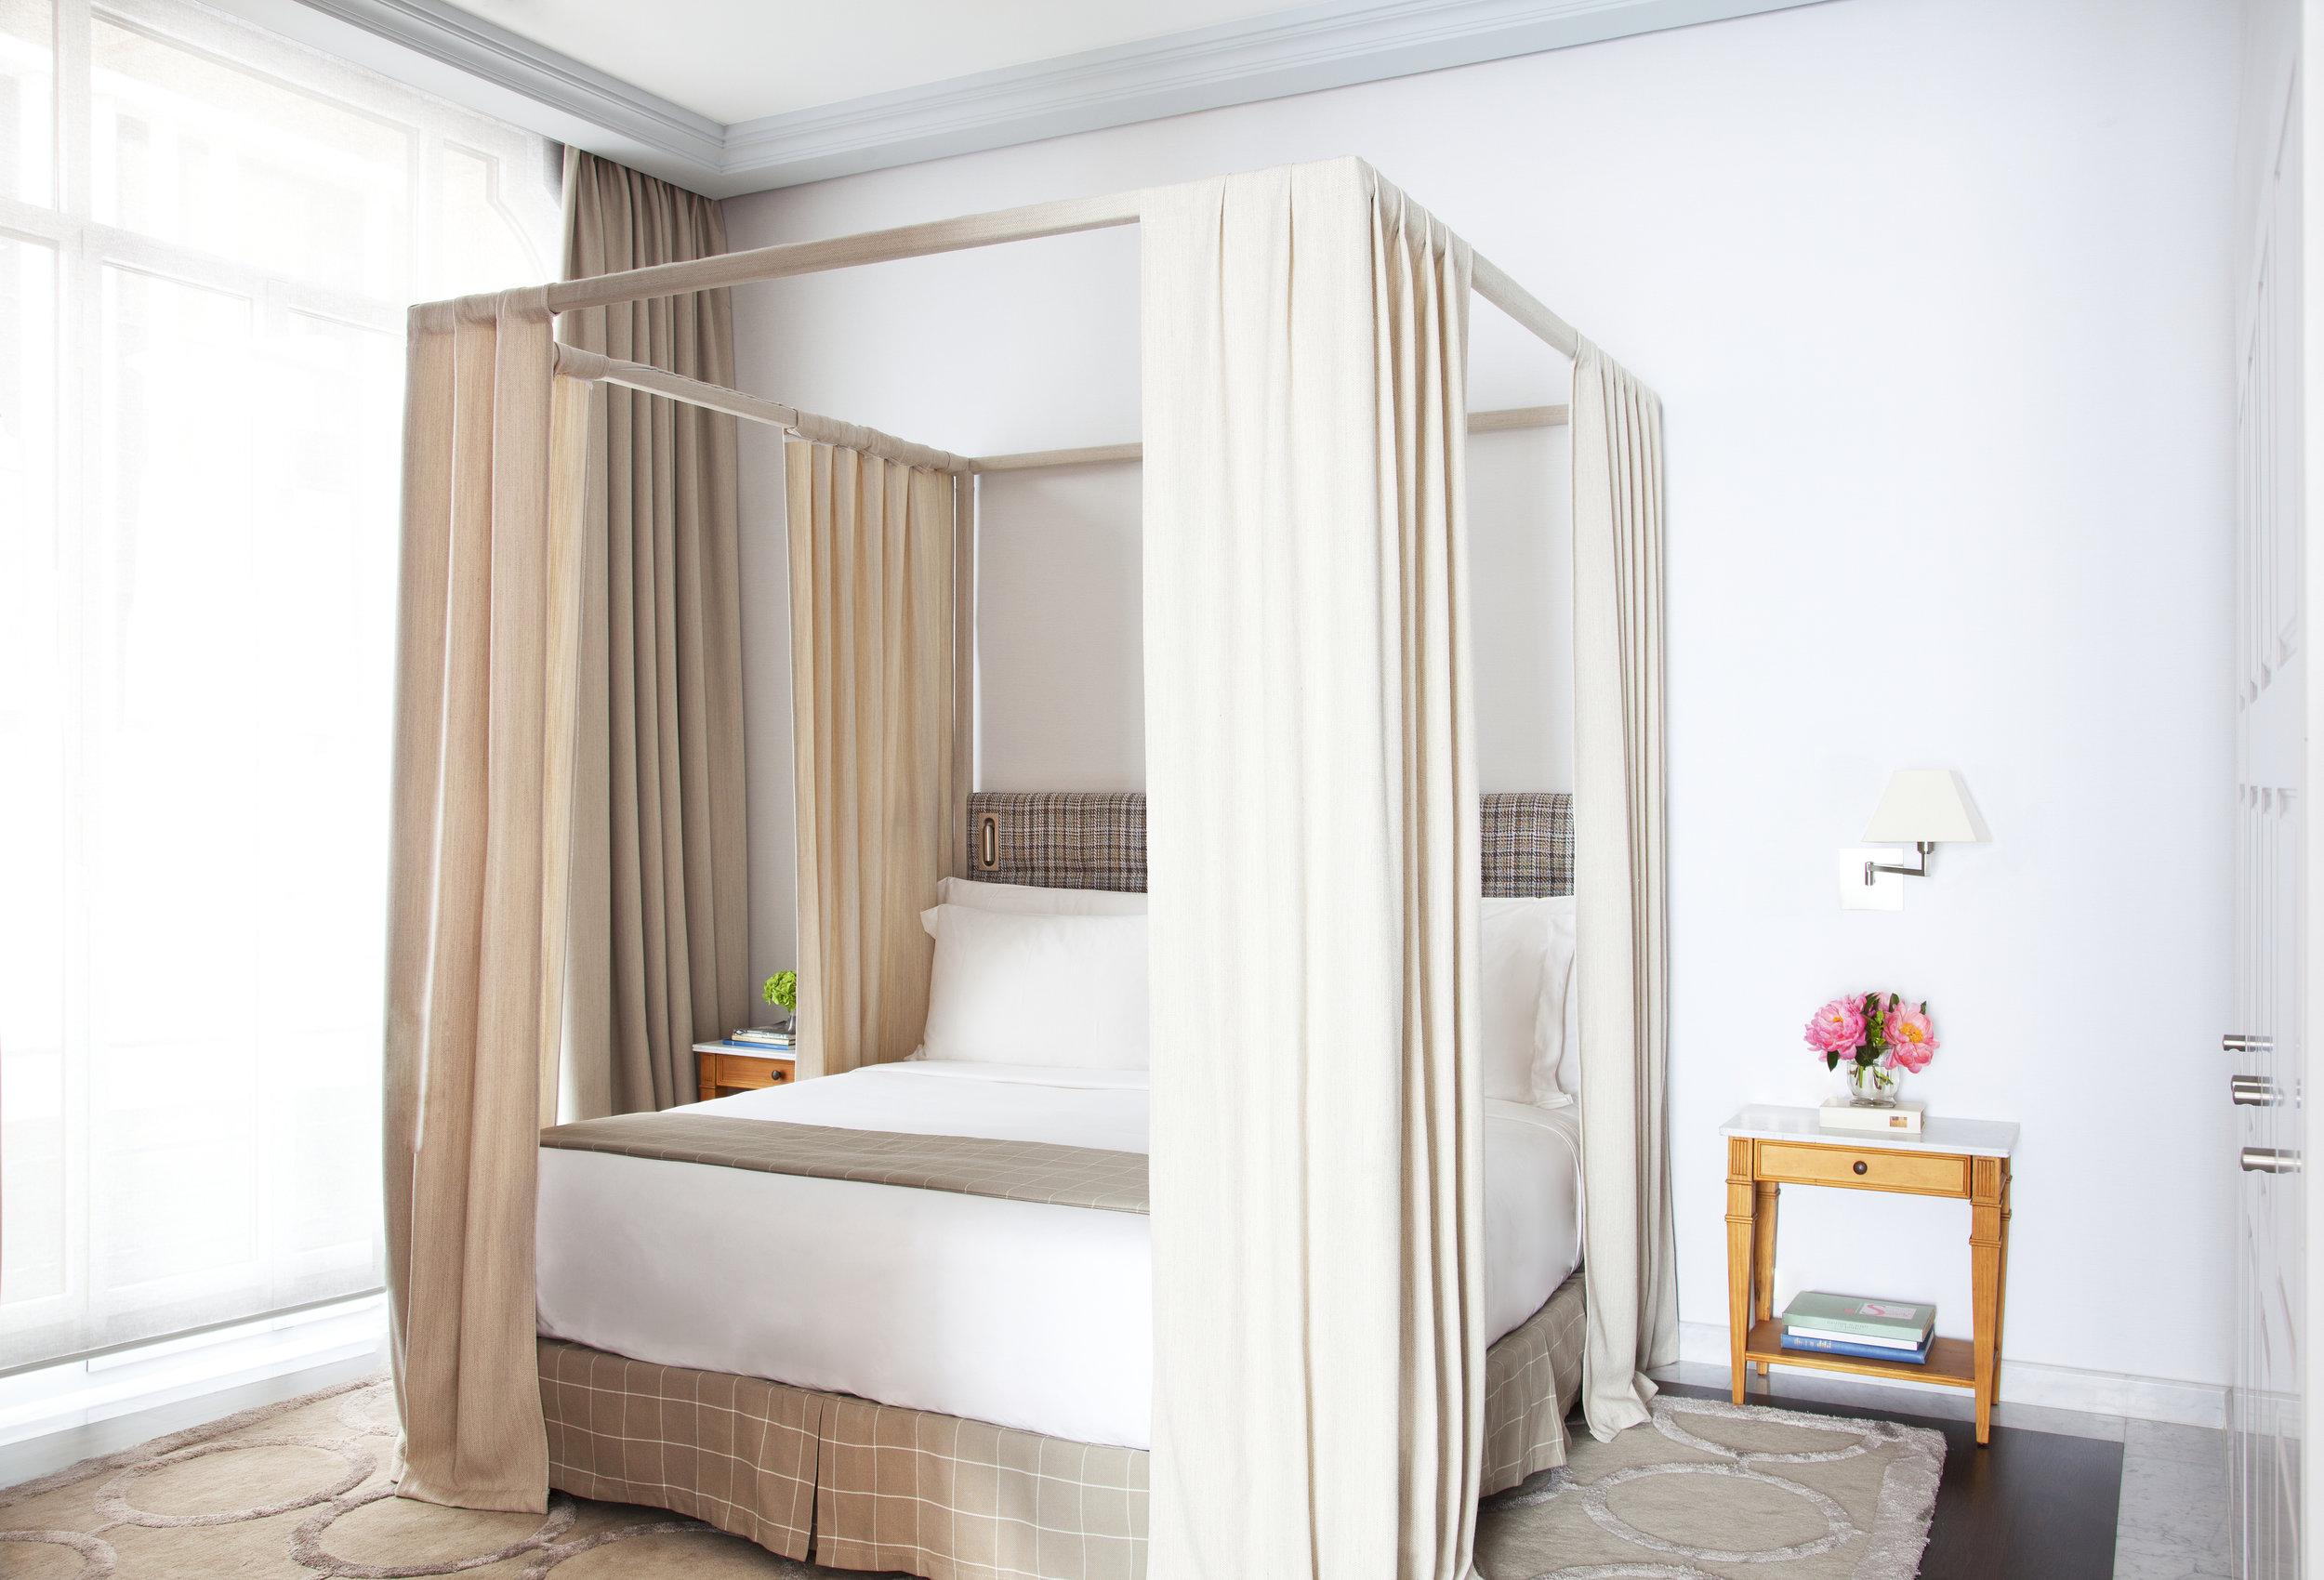 Hotel-urso-madrid-63.jpg